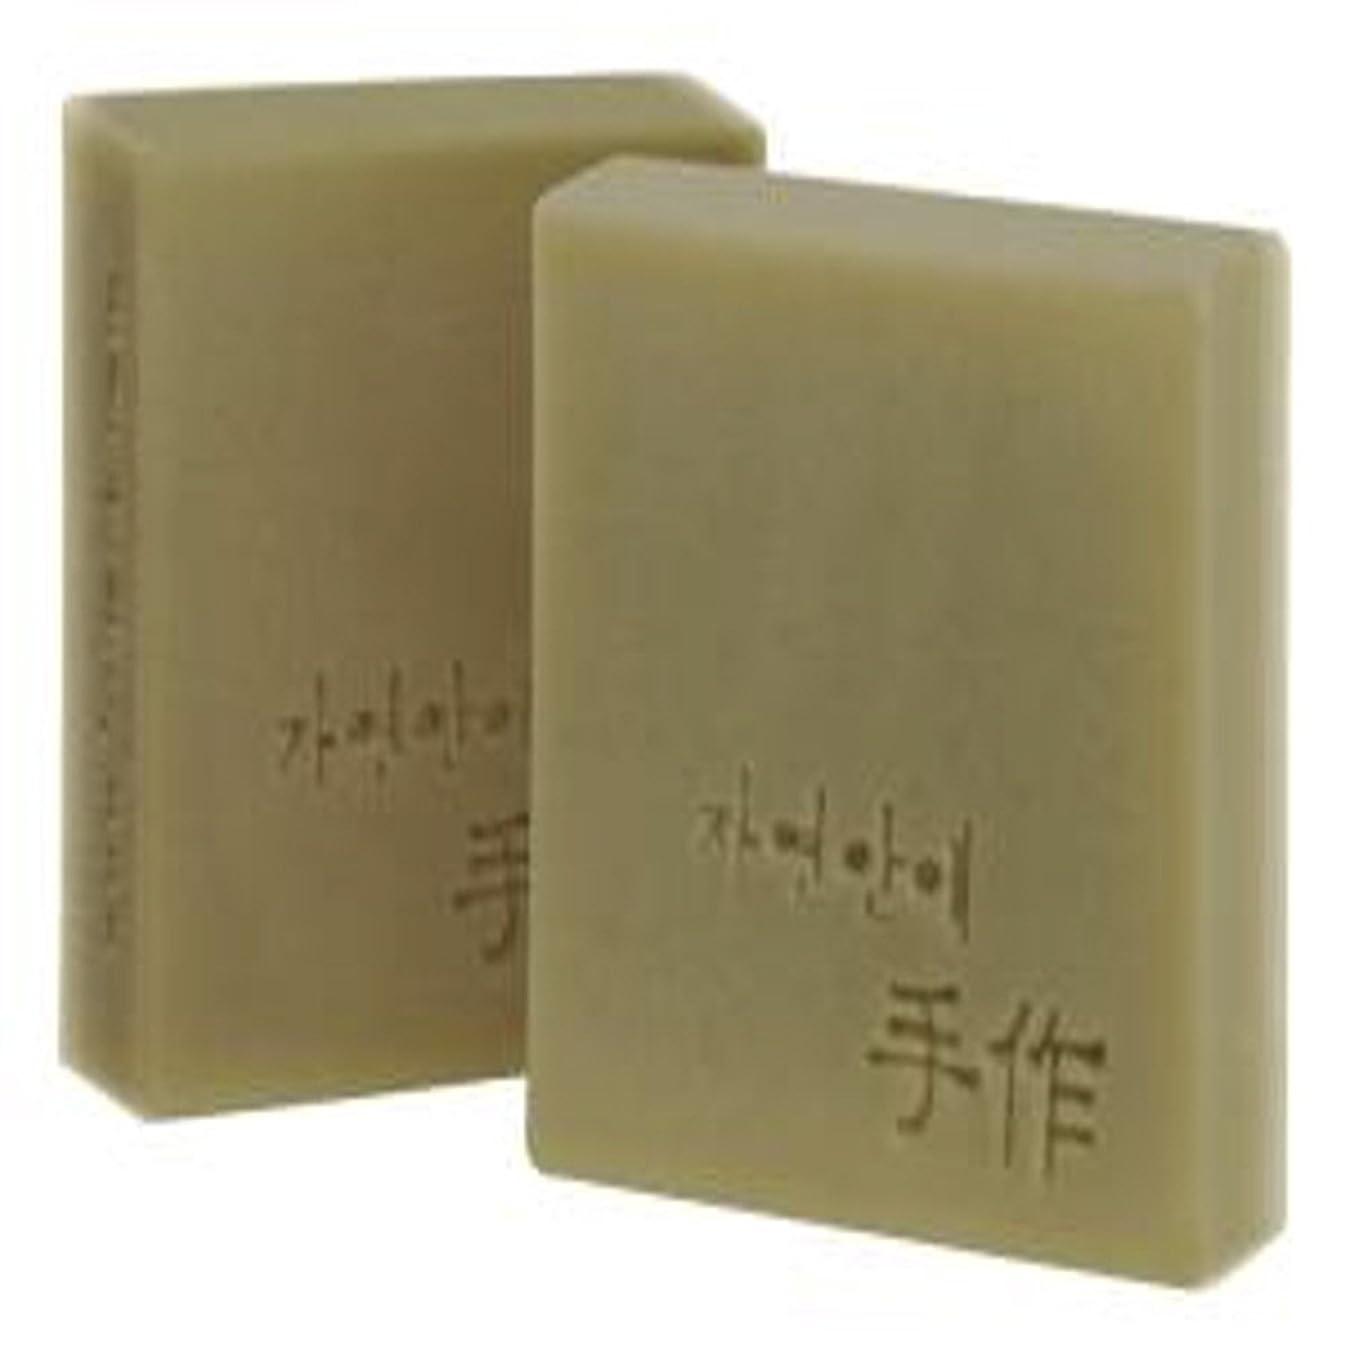 トライアスリート承認するフルートNatural organic 有機天然ソープ 固形 無添加 洗顔せっけんクレンジング 石鹸 [並行輸入品] (アプリコット)